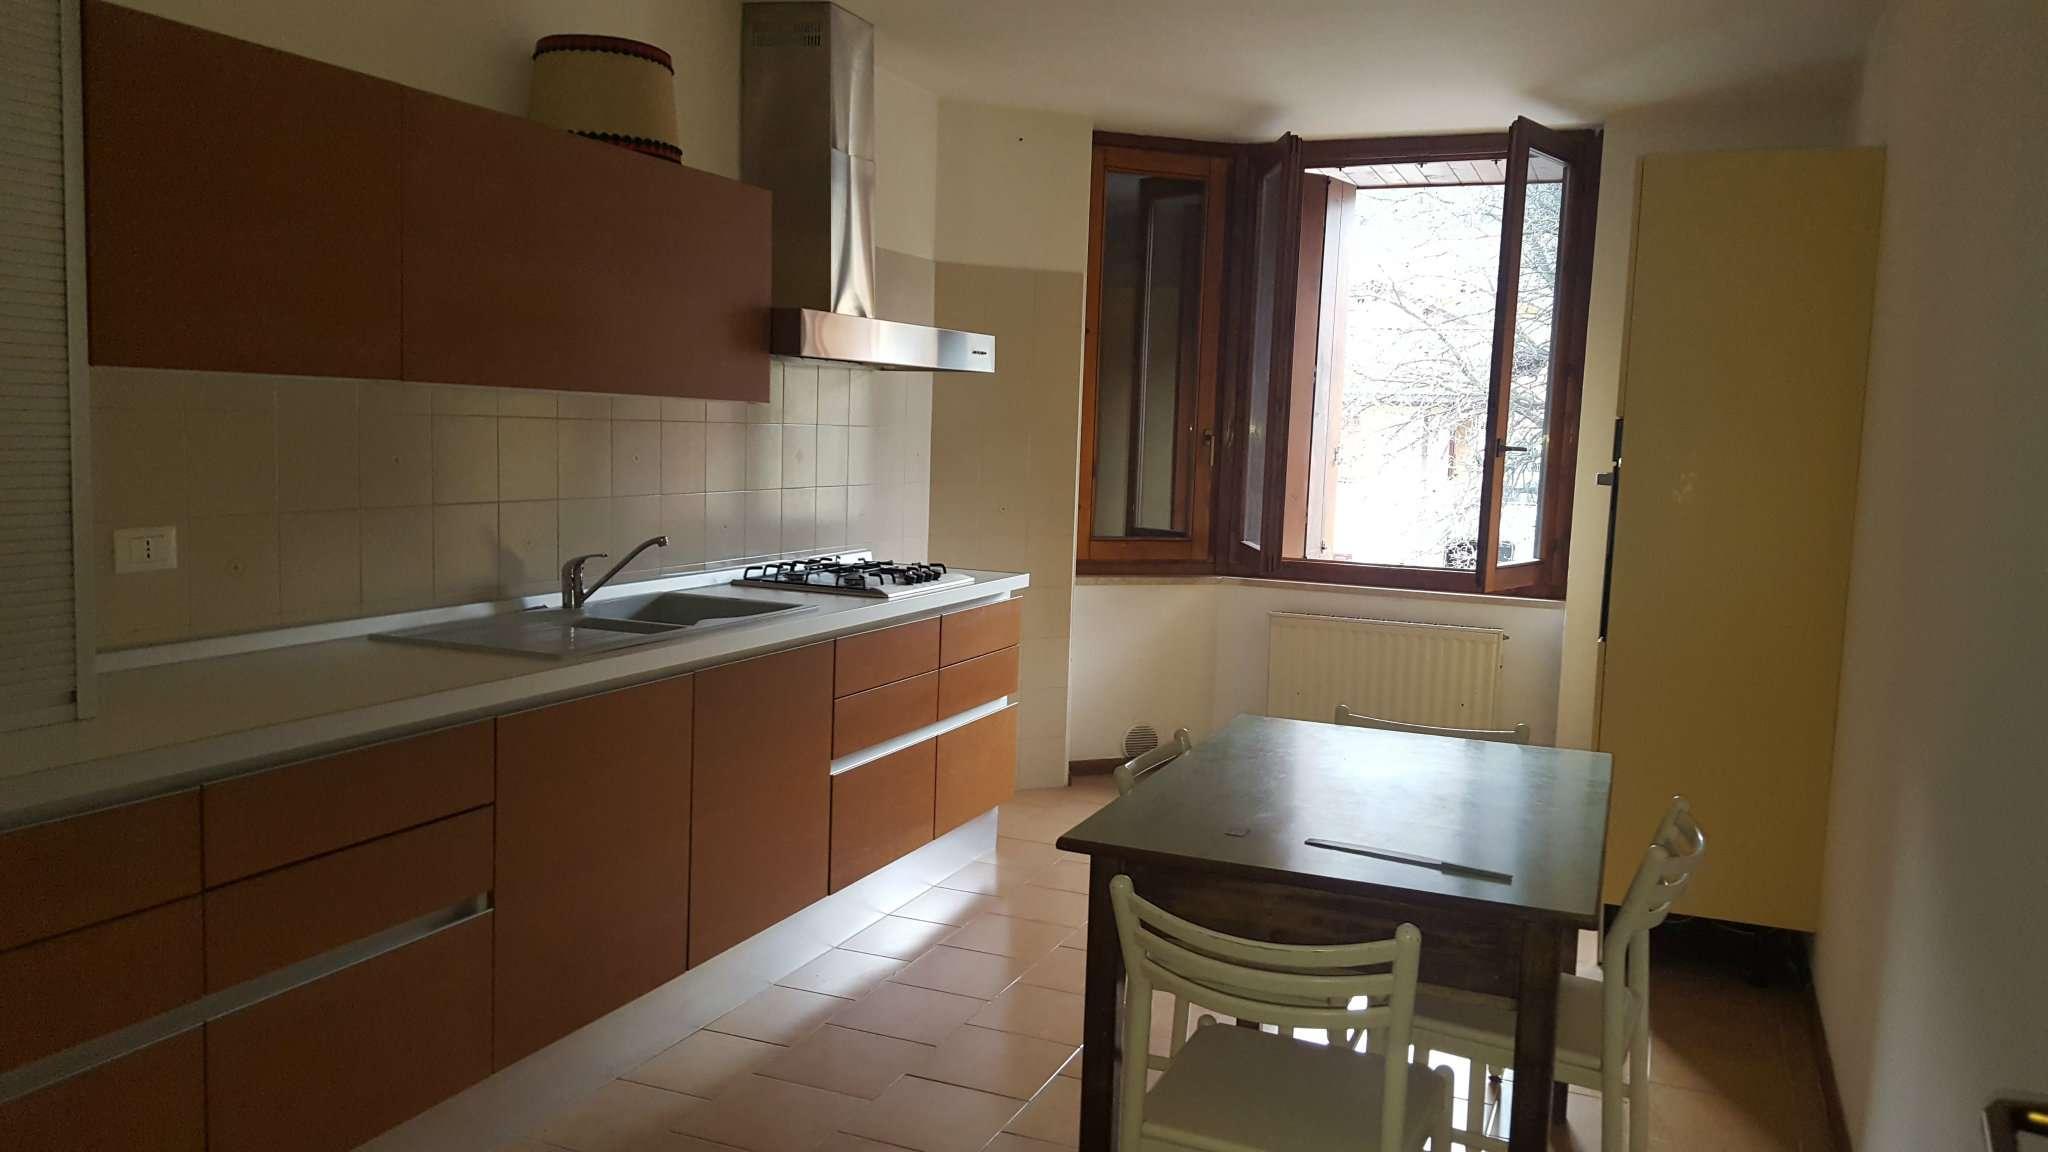 Appartamento in affitto a Cles, 4 locali, prezzo € 500 | Cambio Casa.it